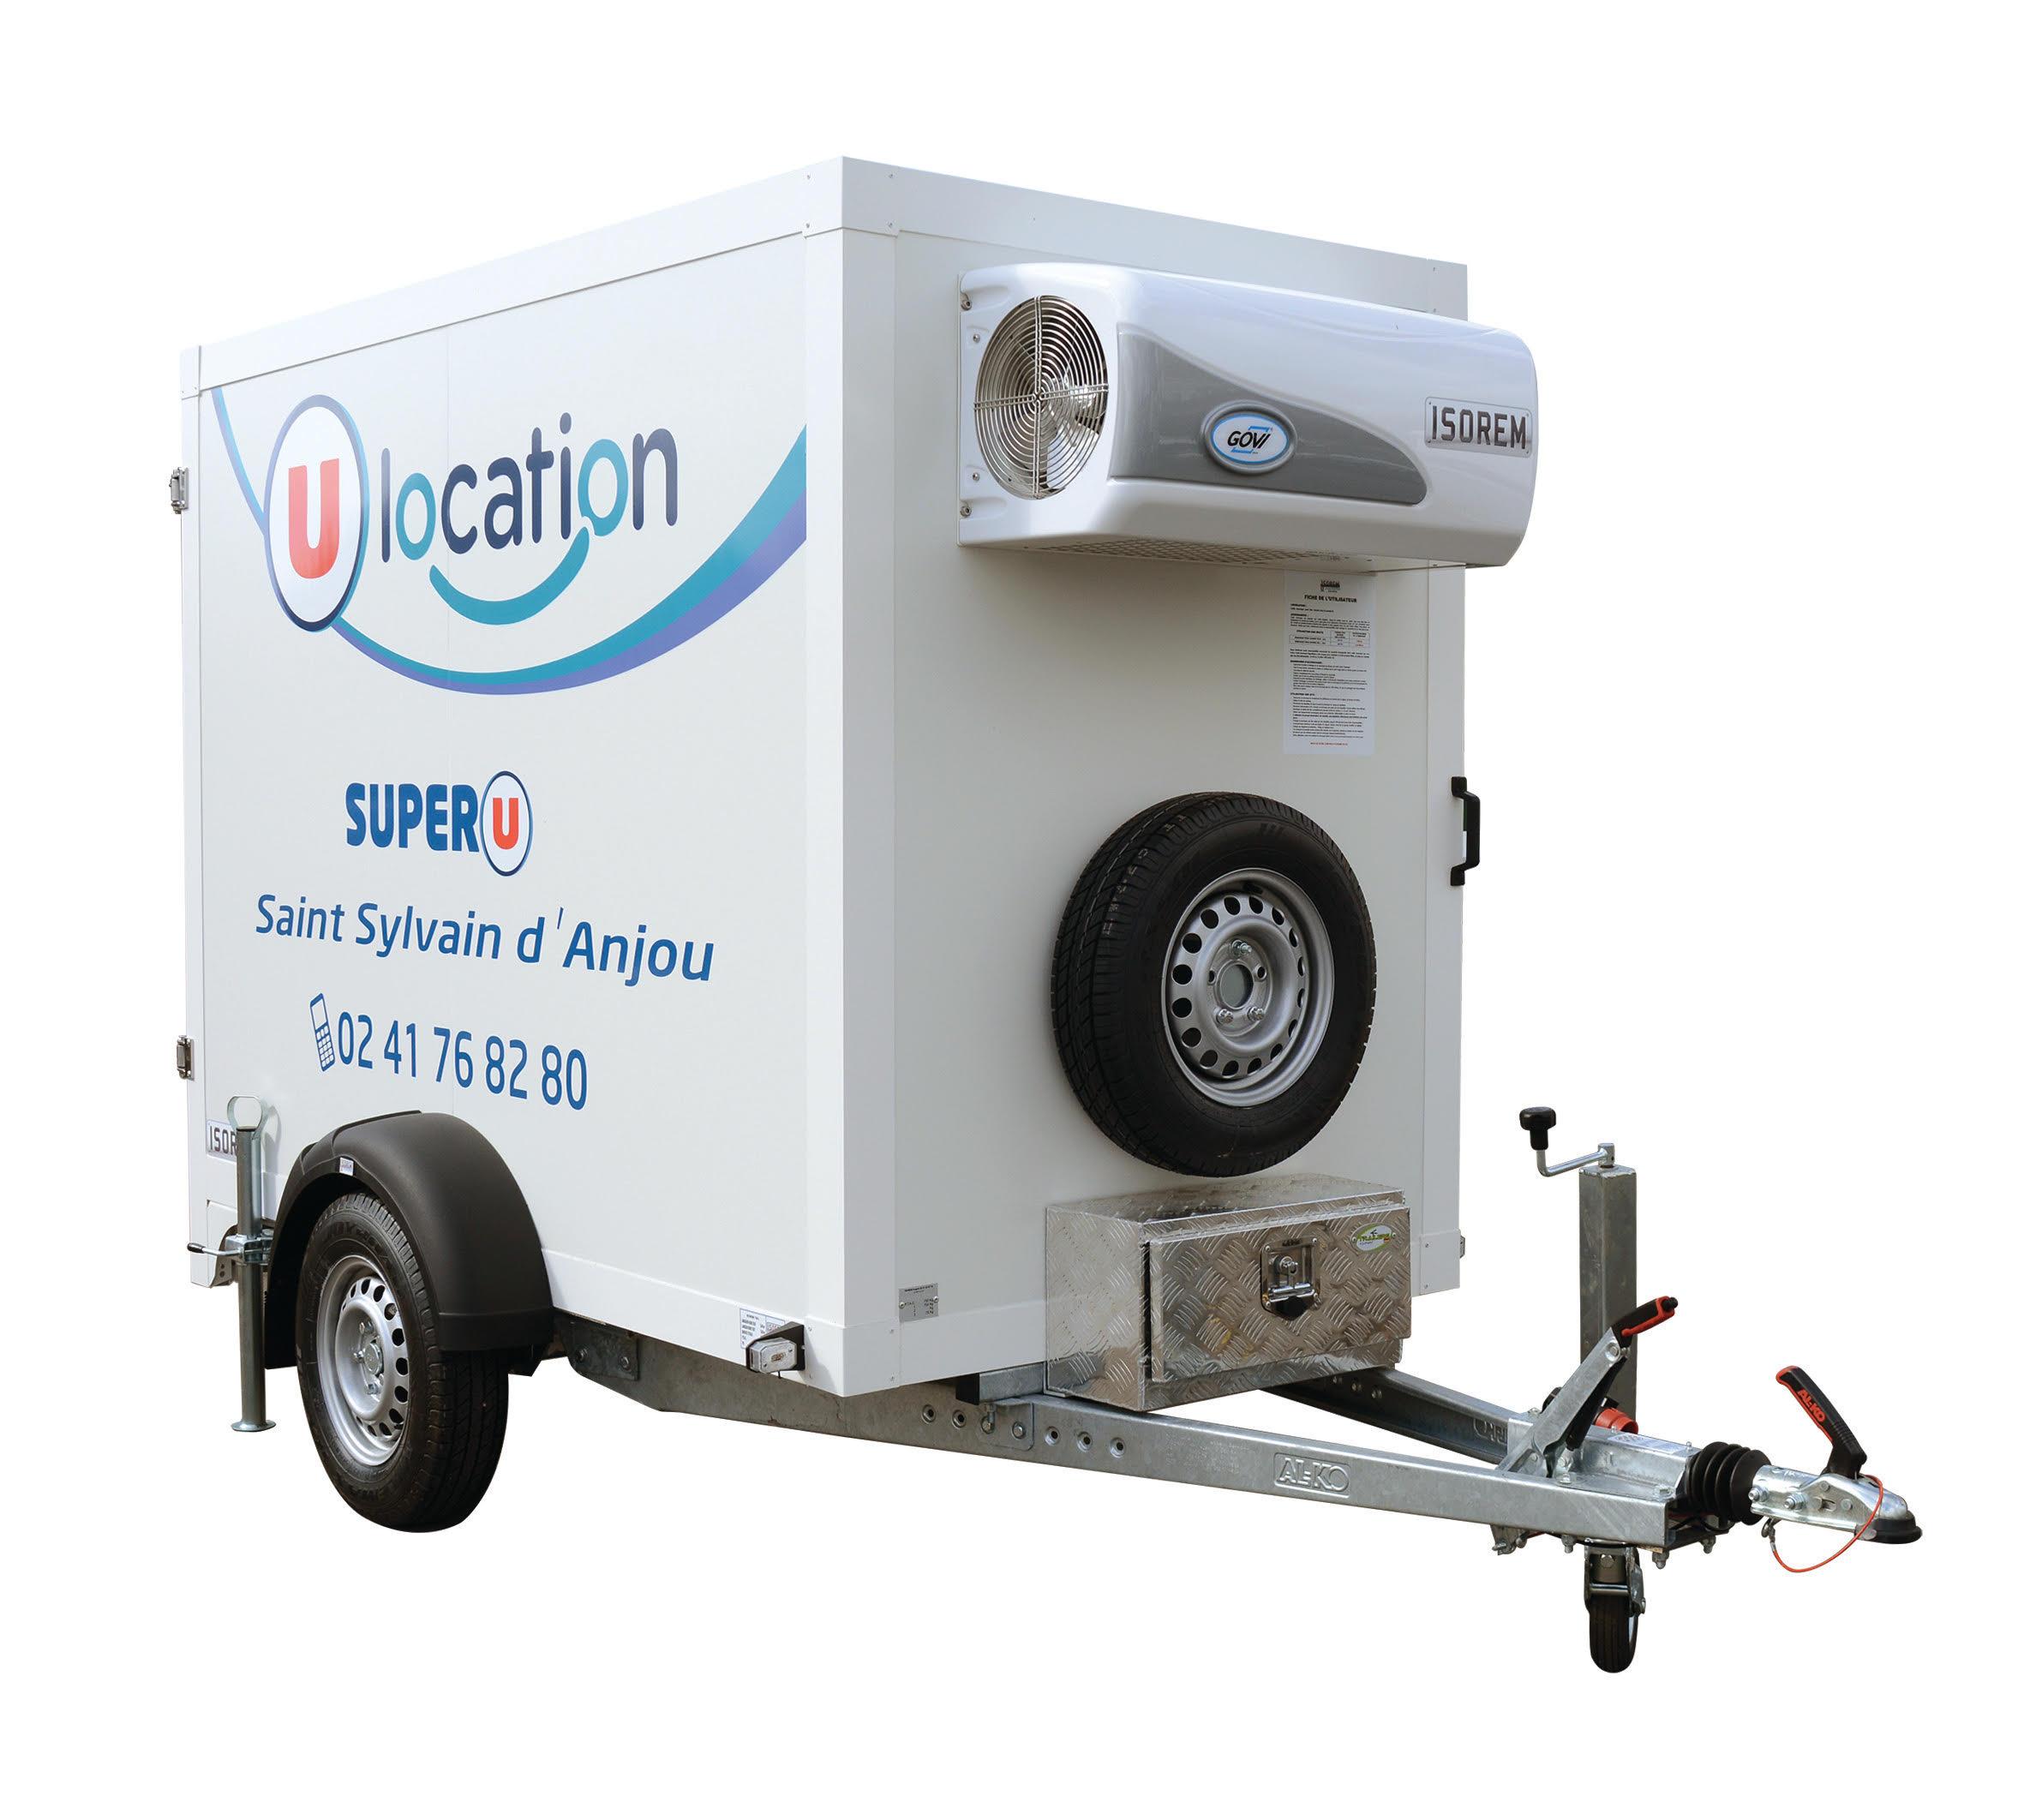 Location utilitaire Location u Super U CHATILLON COLIGNY Remorque frigo. 2-3 m3 - ISOREM (ou équivalent)